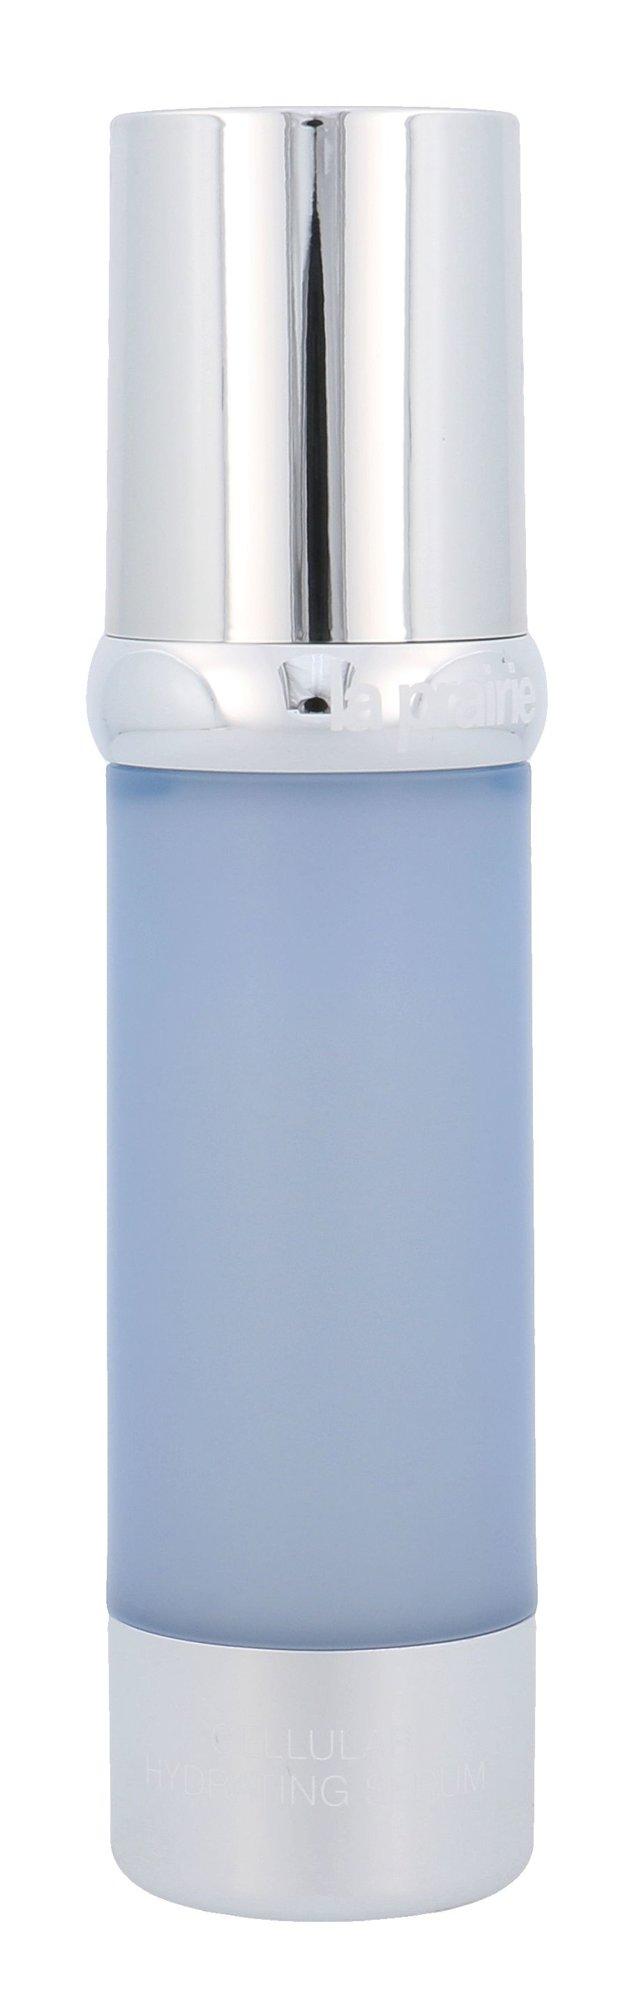 La Prairie Cellular Hydrating Serum Cosmetic 30ml